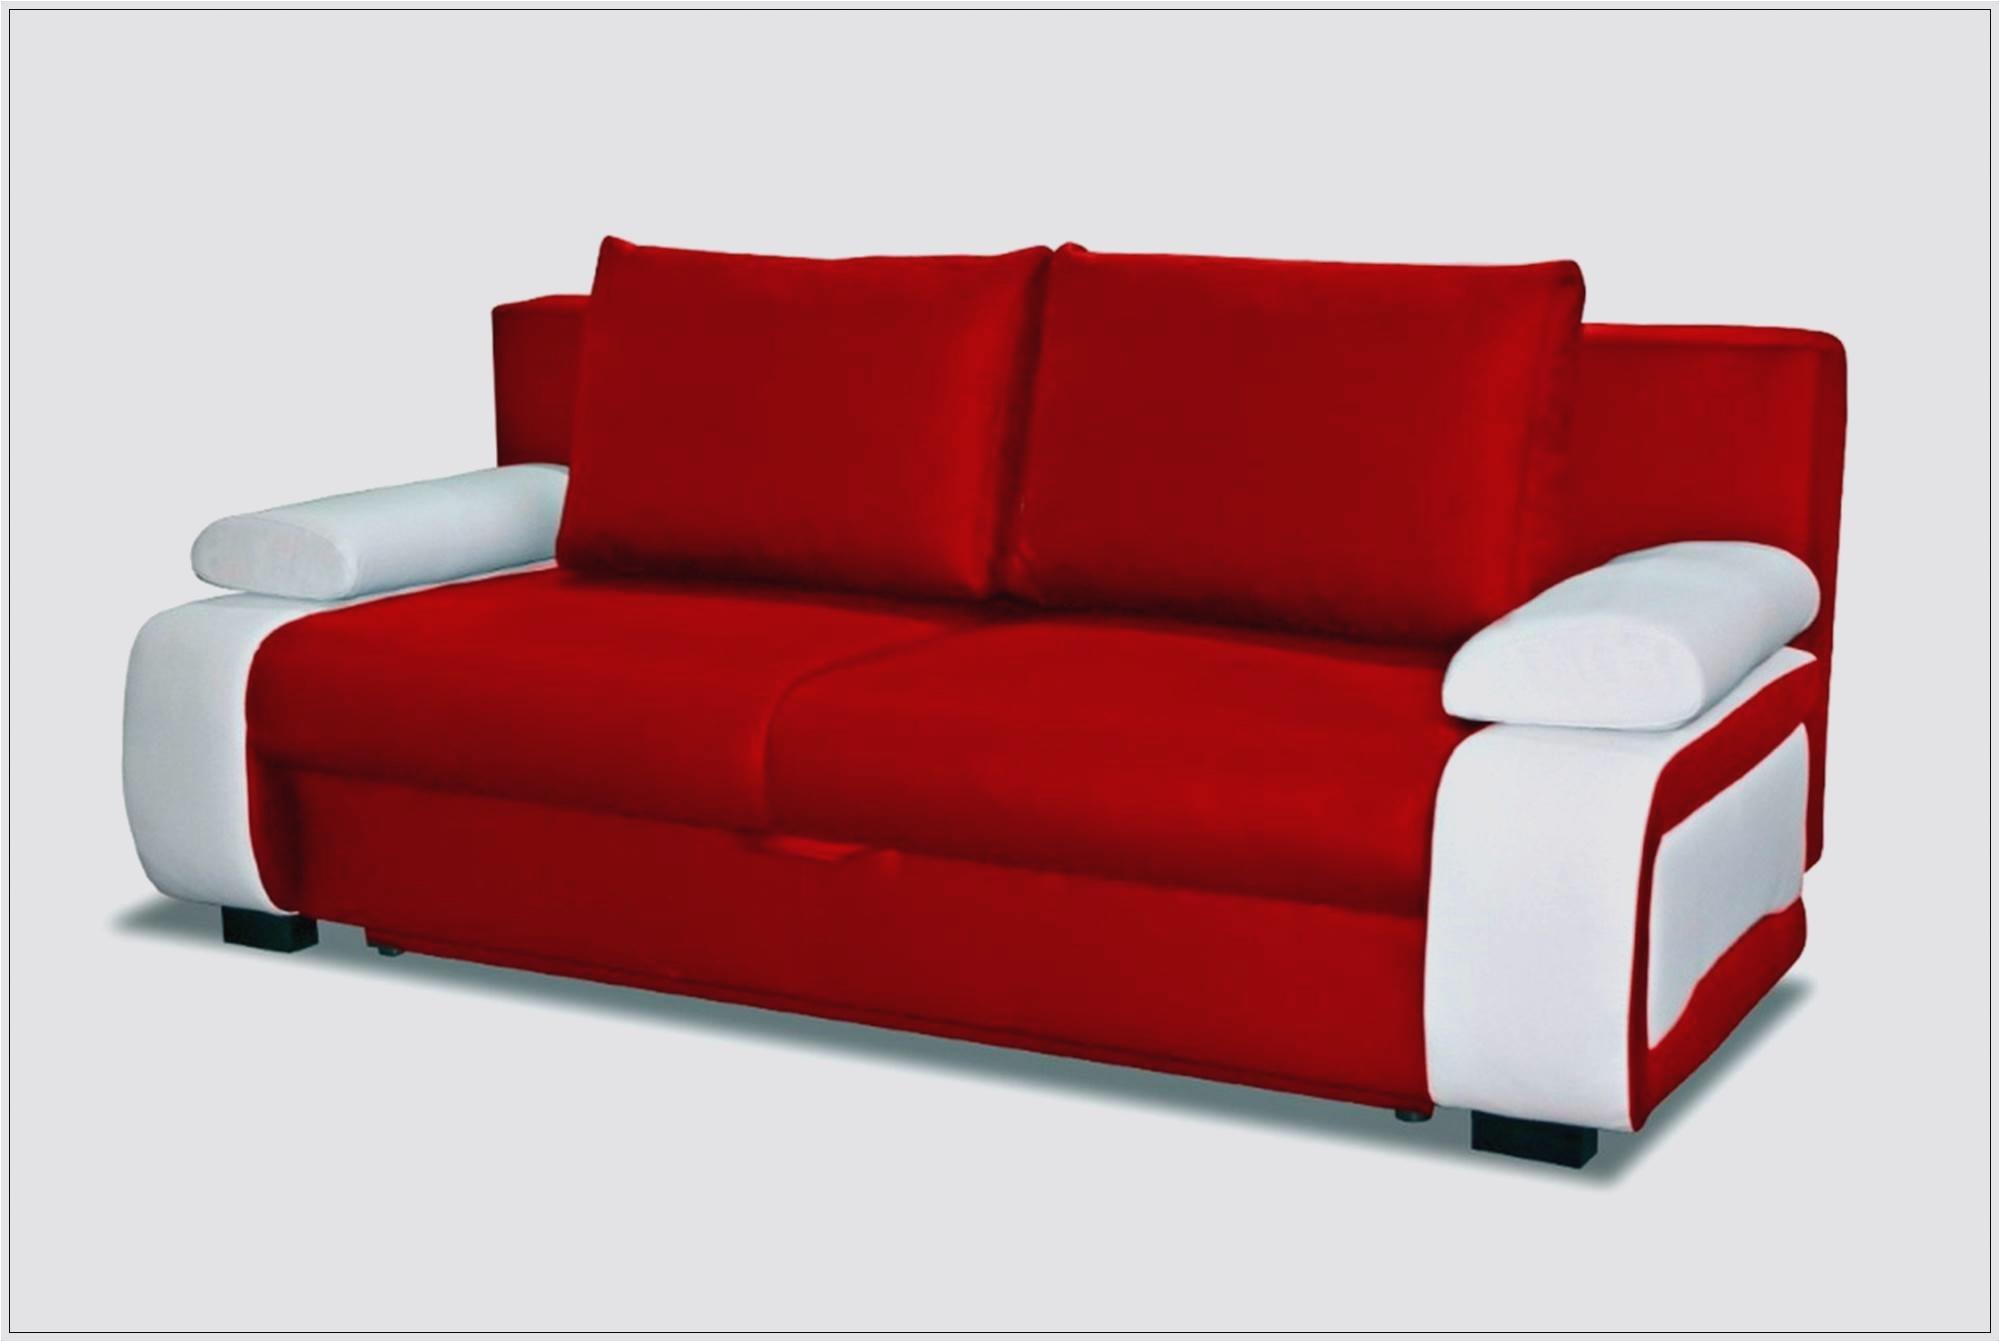 Matelas Bz Ikea Frais Photographie Canap Clic Clac Cuir Bz Pas Cher Ikea Unique O D Nicher Une Housse